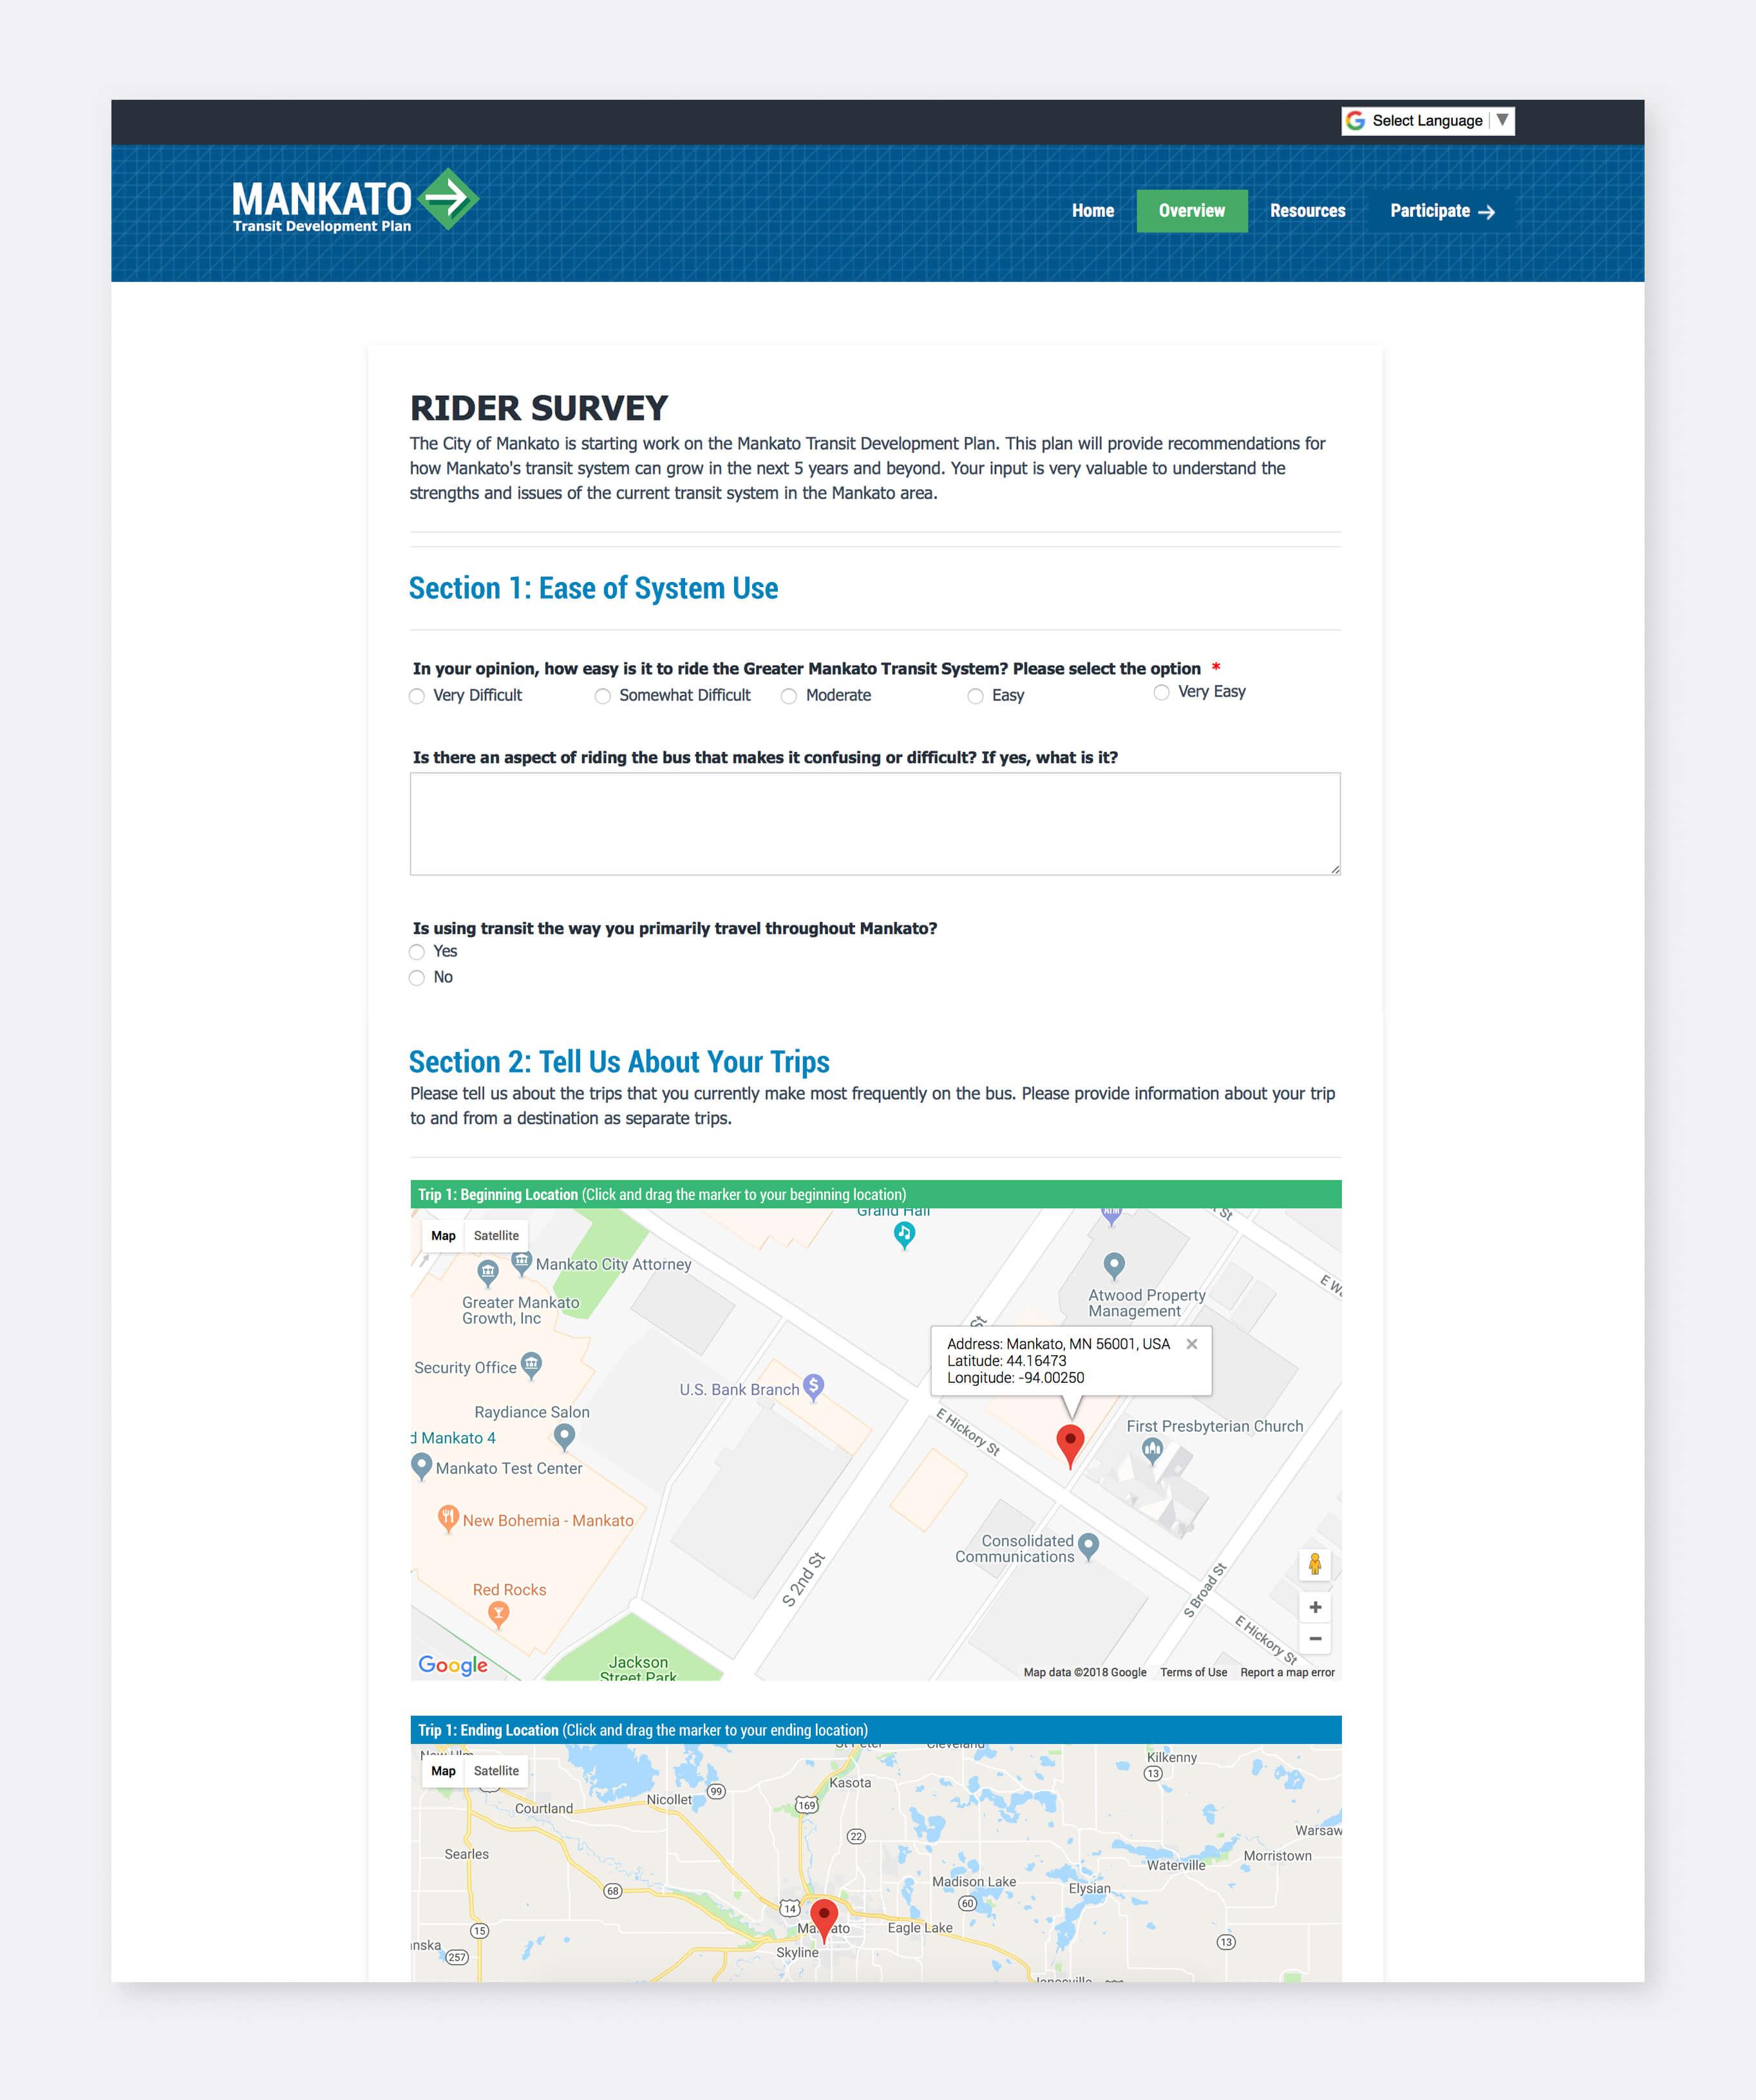 Screenshot of an interactive survey